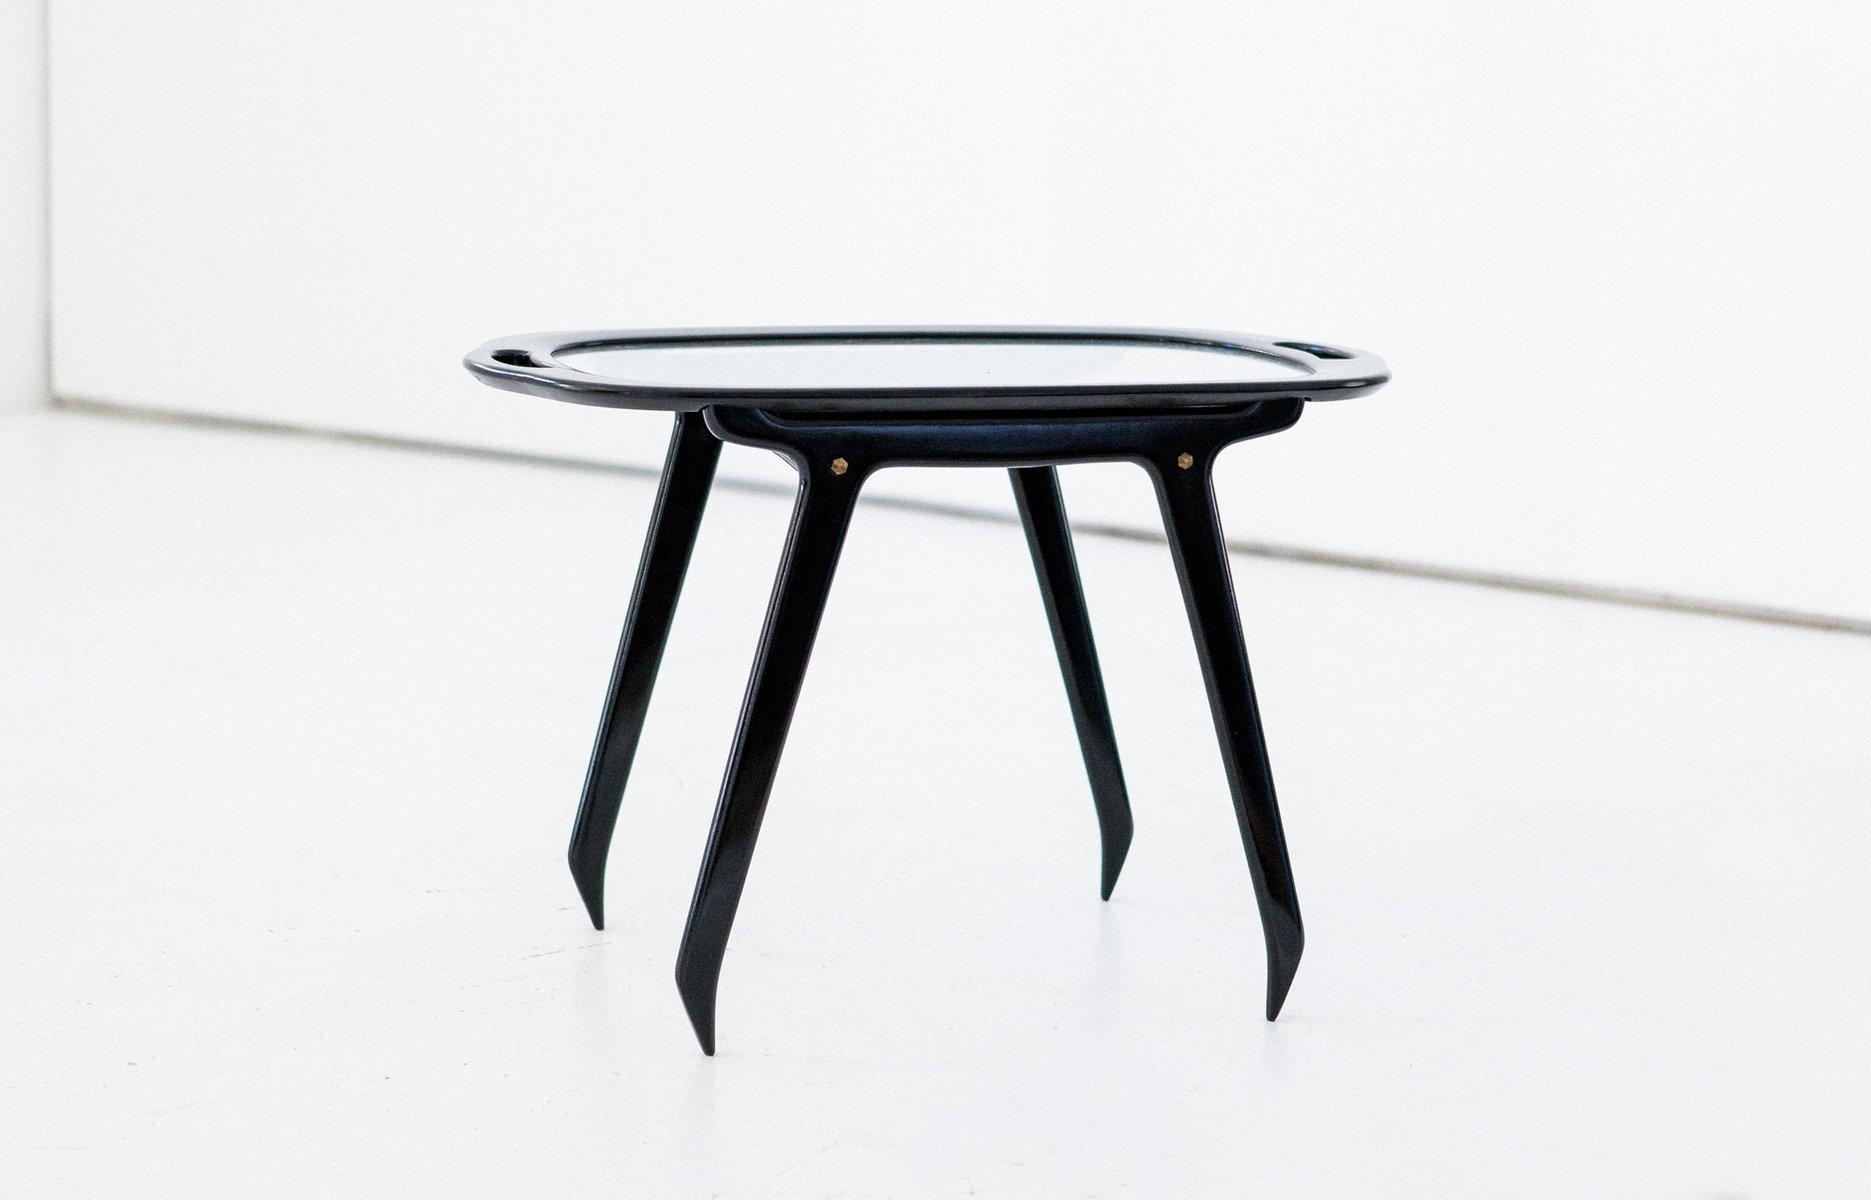 Schwarzer italienischer Couch- oder Serviertisch aus Holz & Glas von C...